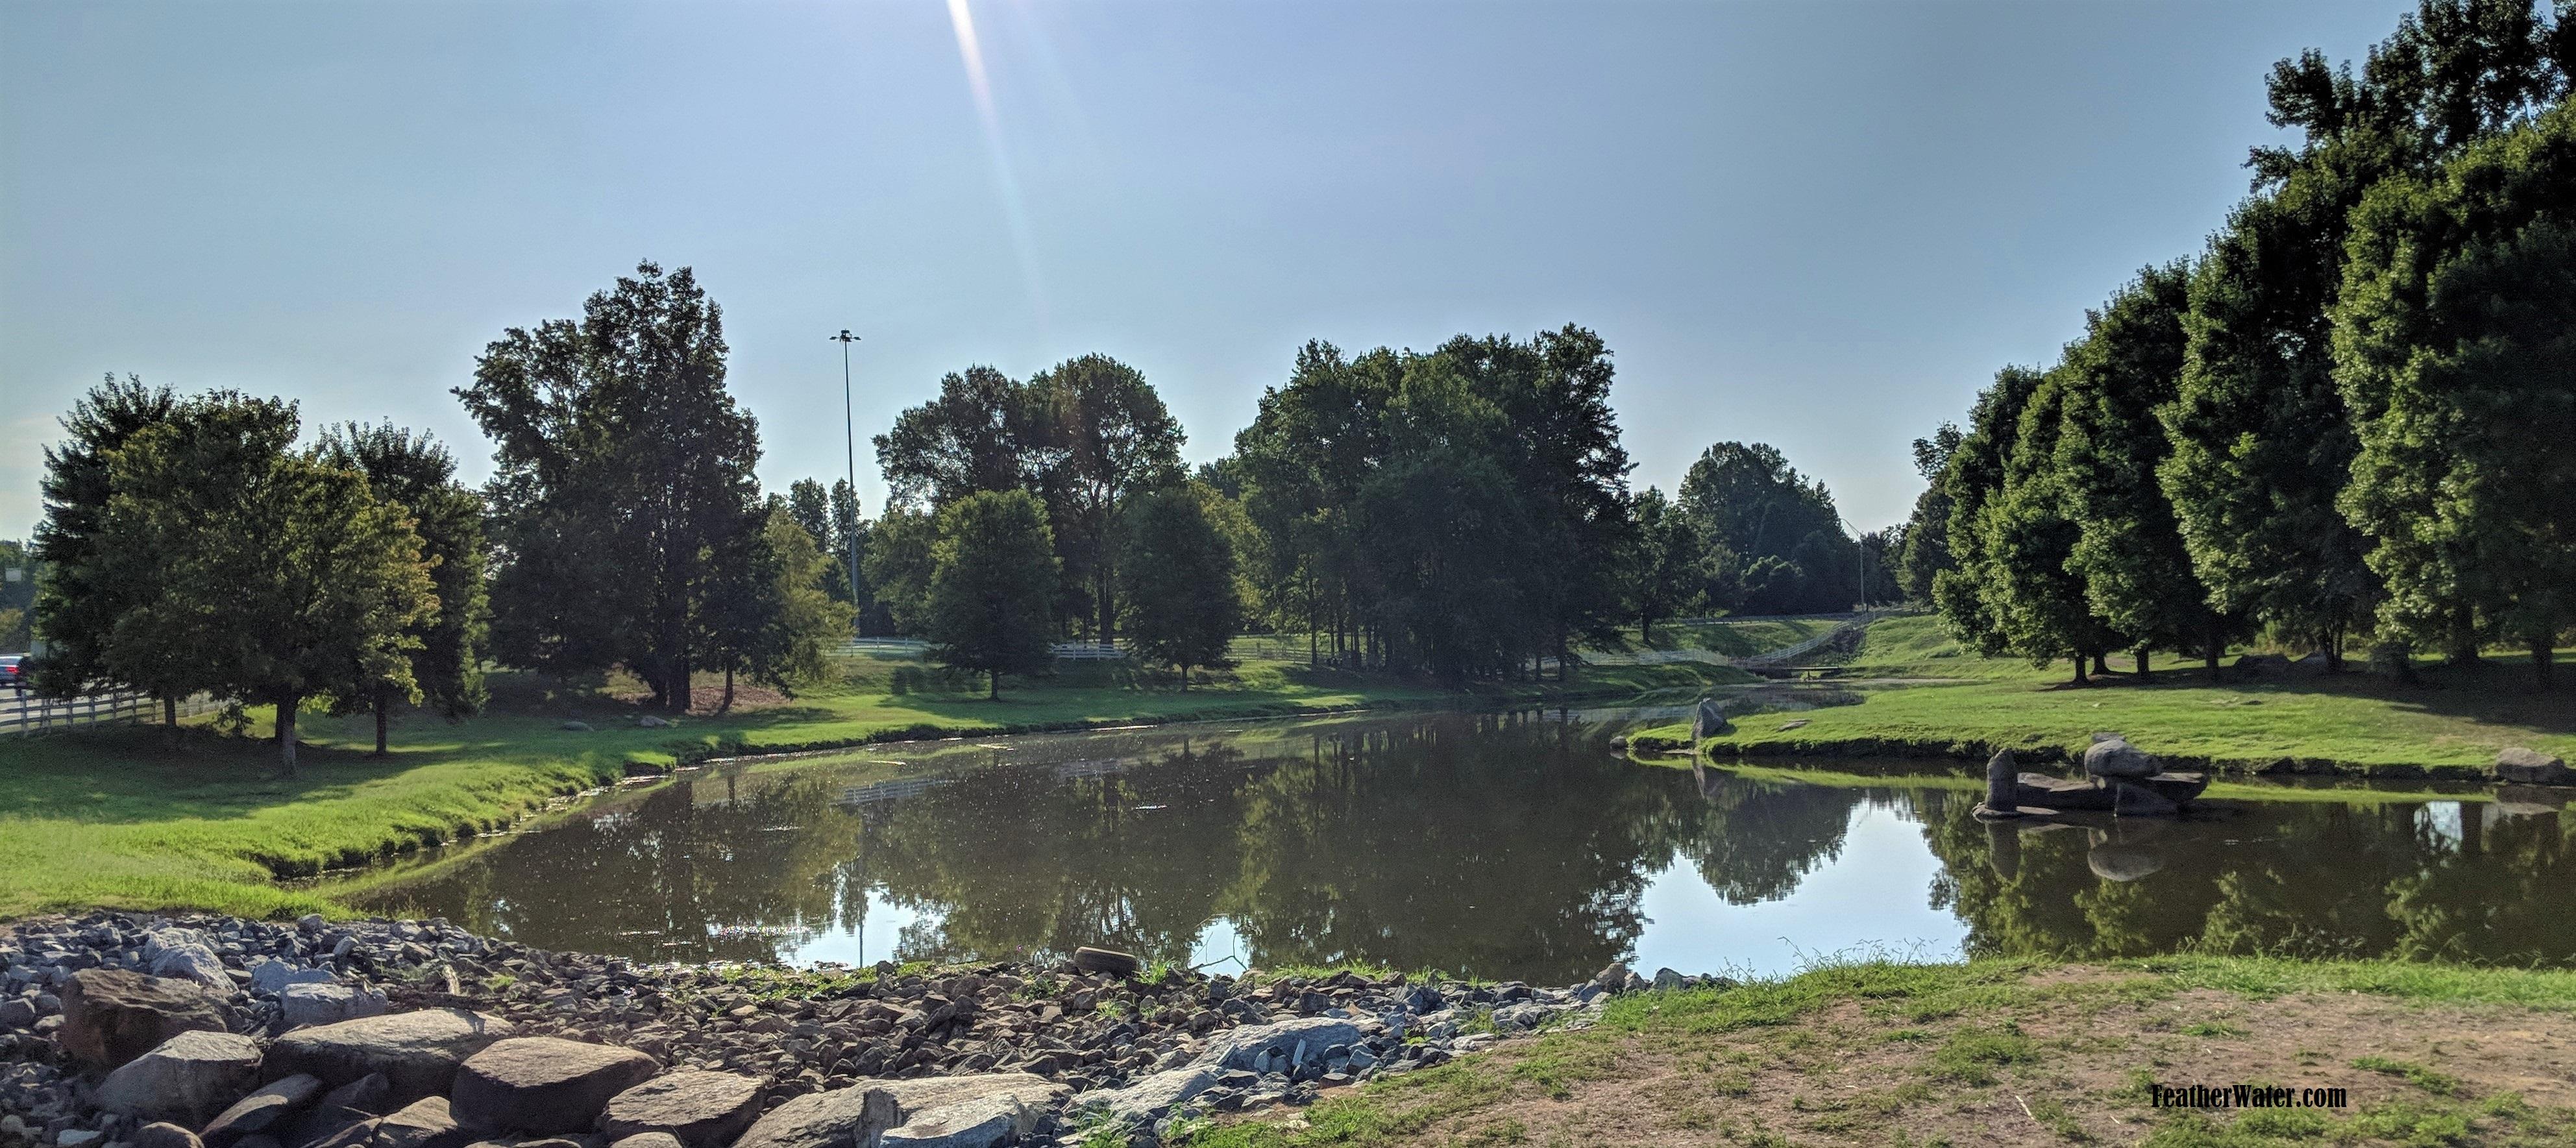 Caldwell, NC